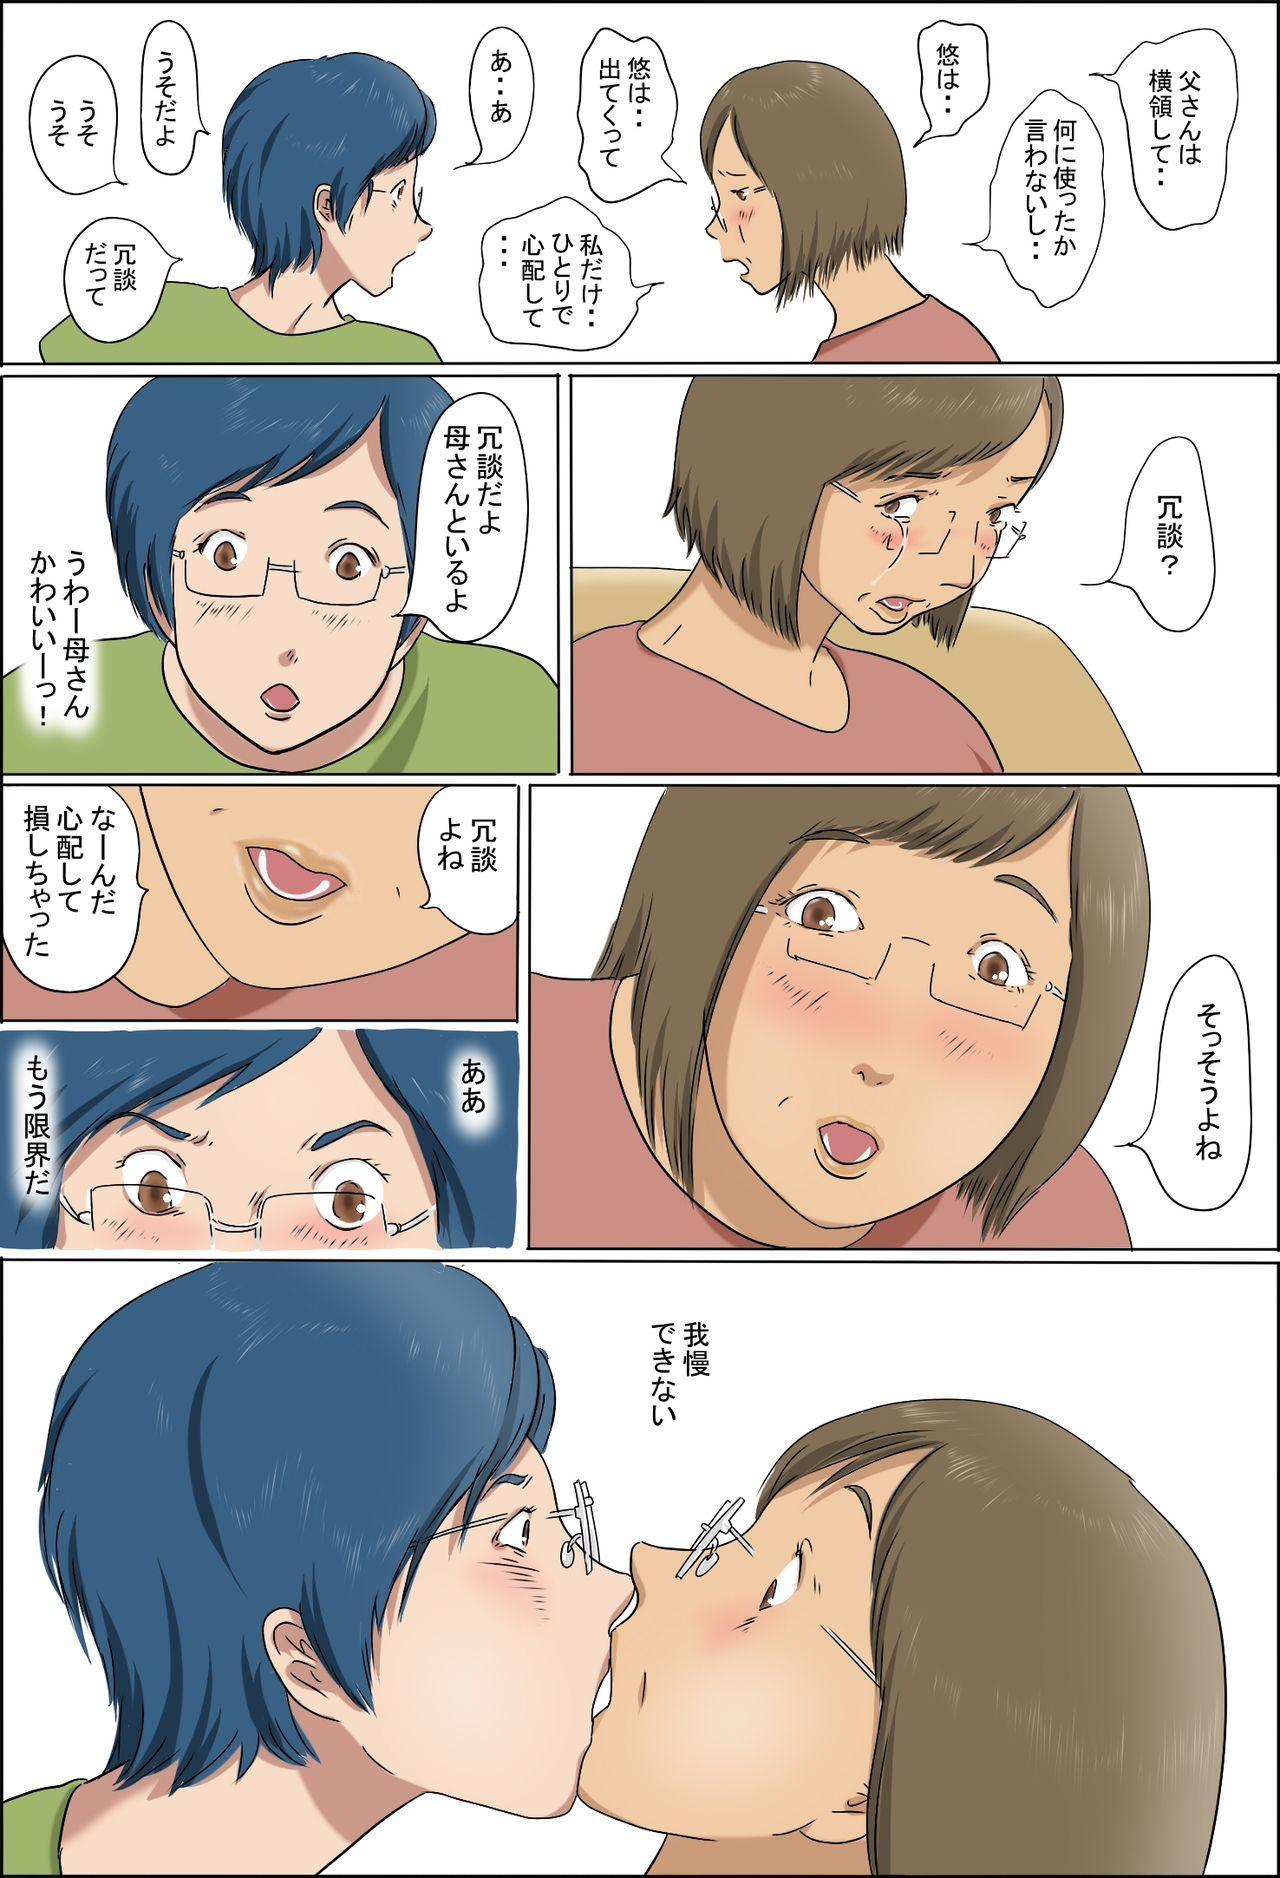 Haha to Musuko no Kazoku Seikatsu 11